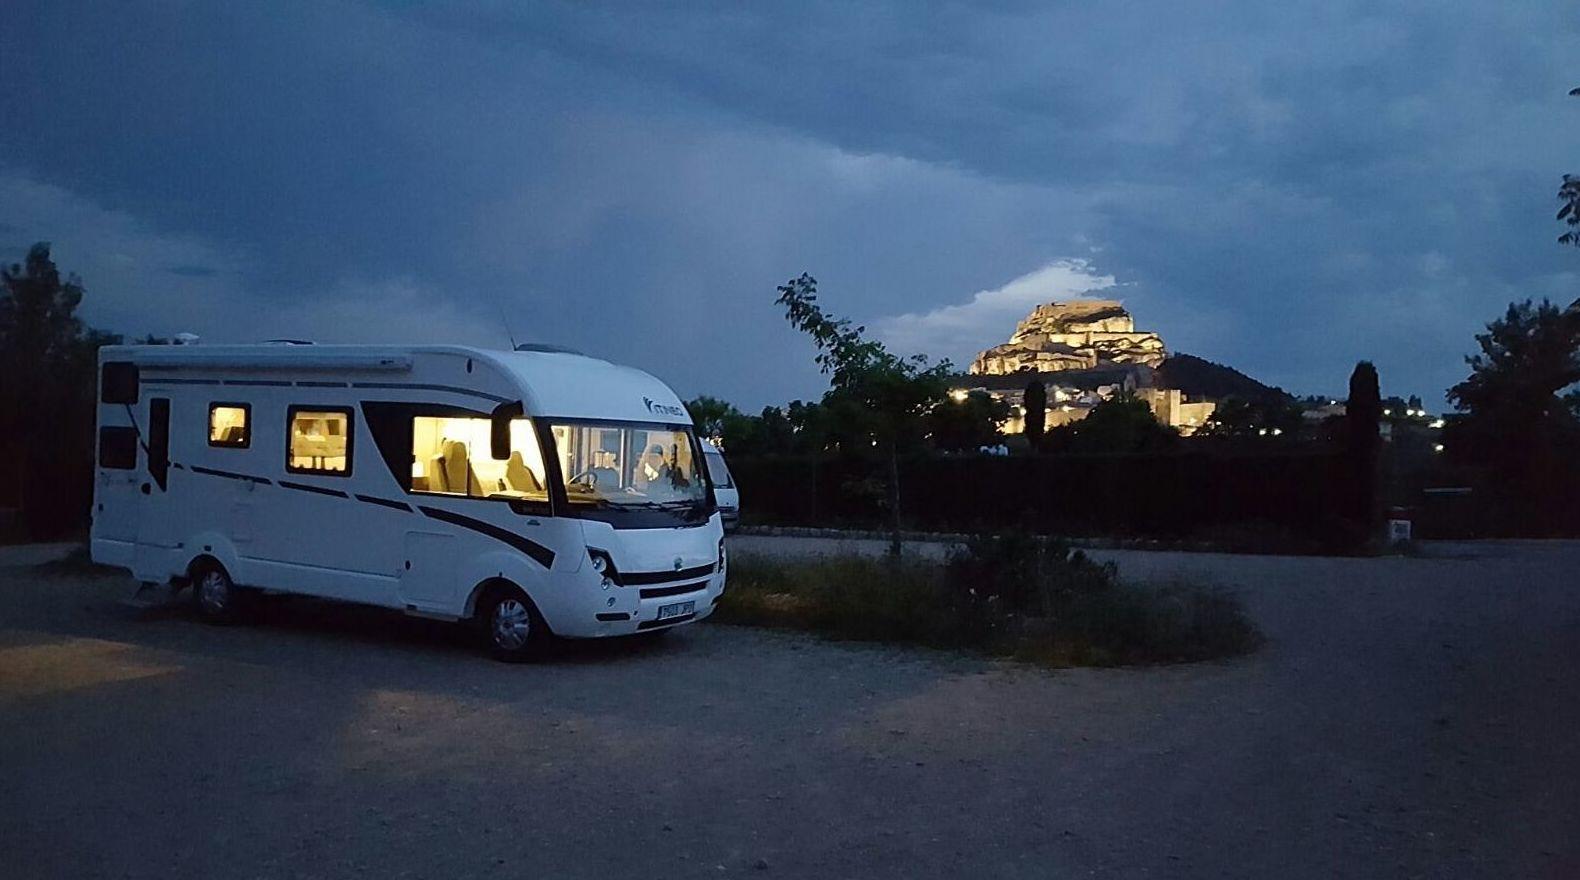 Alquiler autocaravanas Castellon | Mudalcar